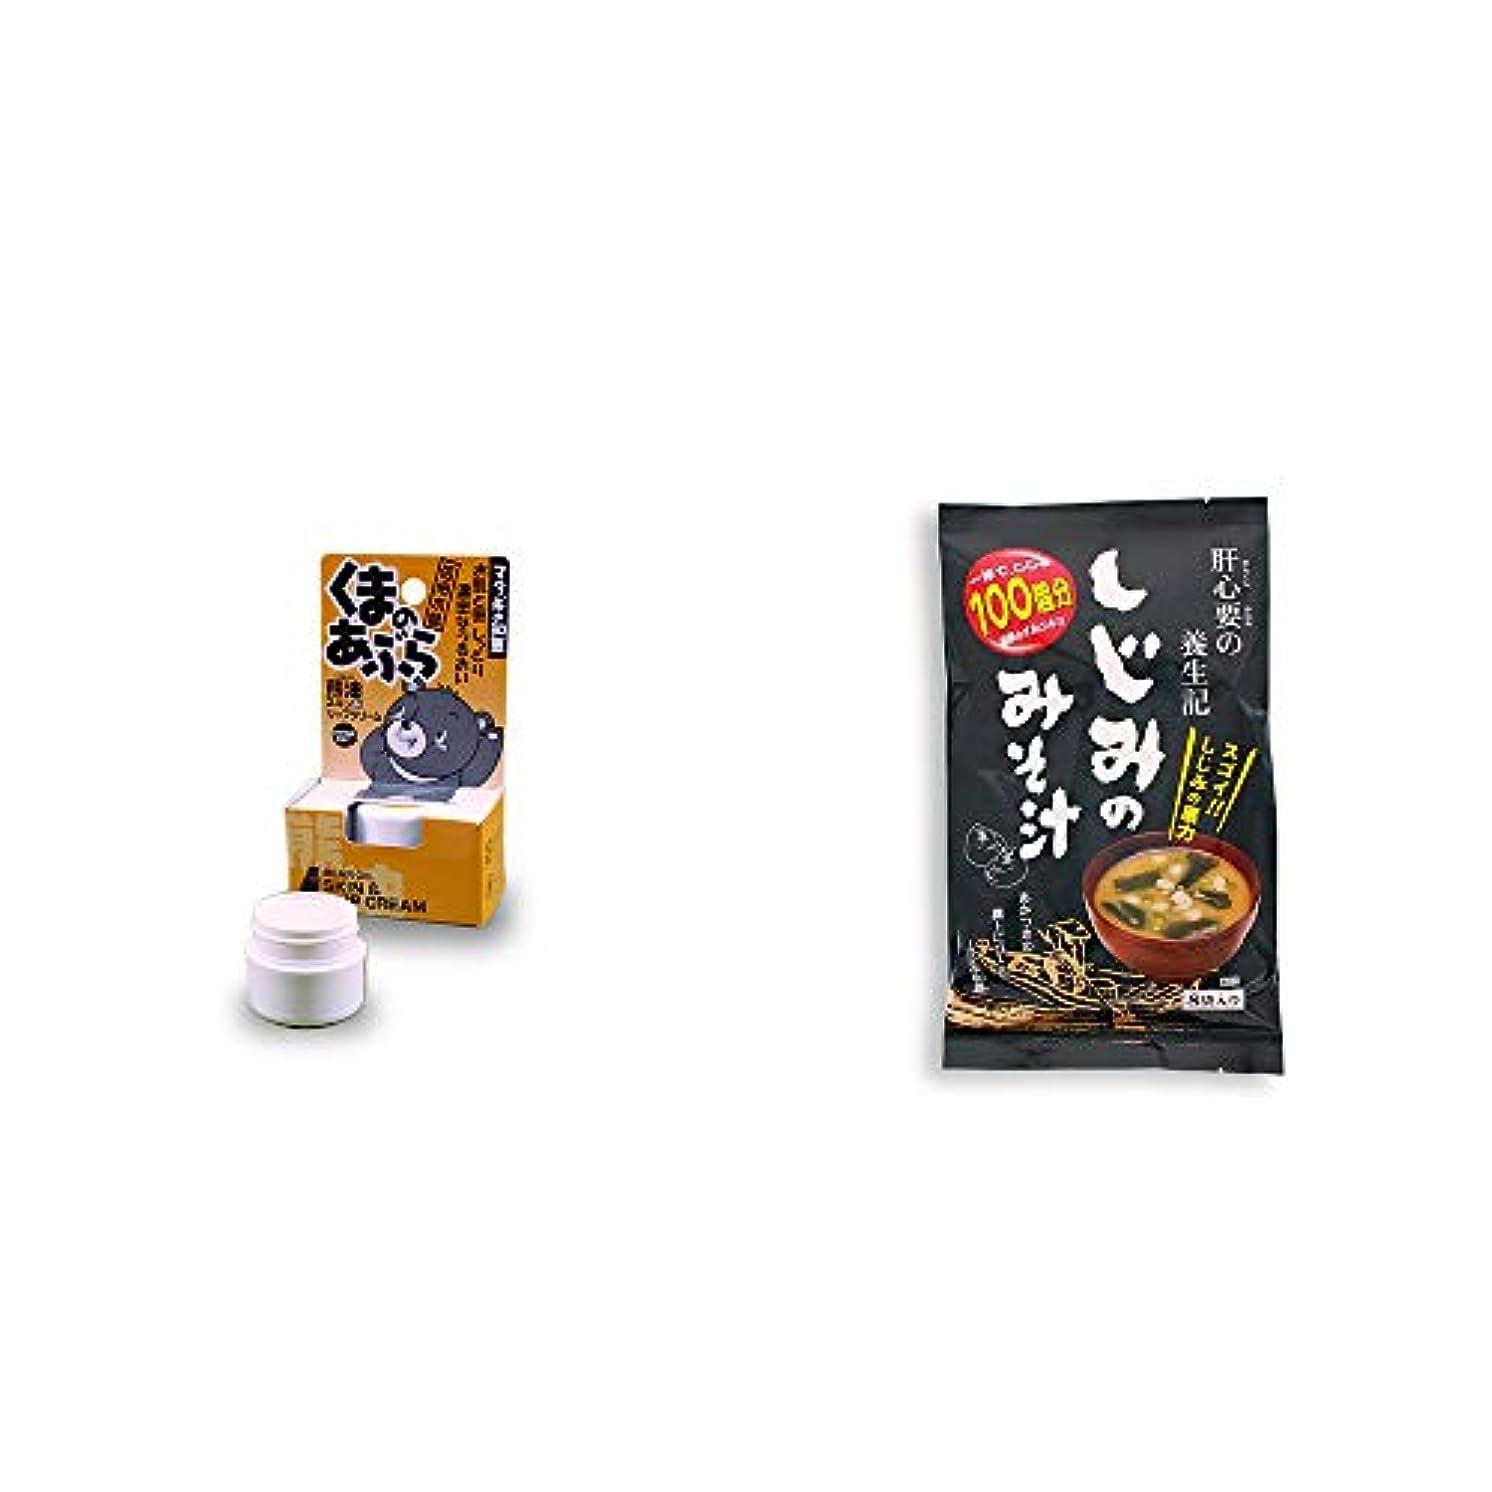 テクトニック各またはどちらか[2点セット] 信州木曽 くまのあぶら 熊油スキン&リップクリーム(9g)?肝心要の養生記 しじみのみそ汁(56g(7g×8袋))